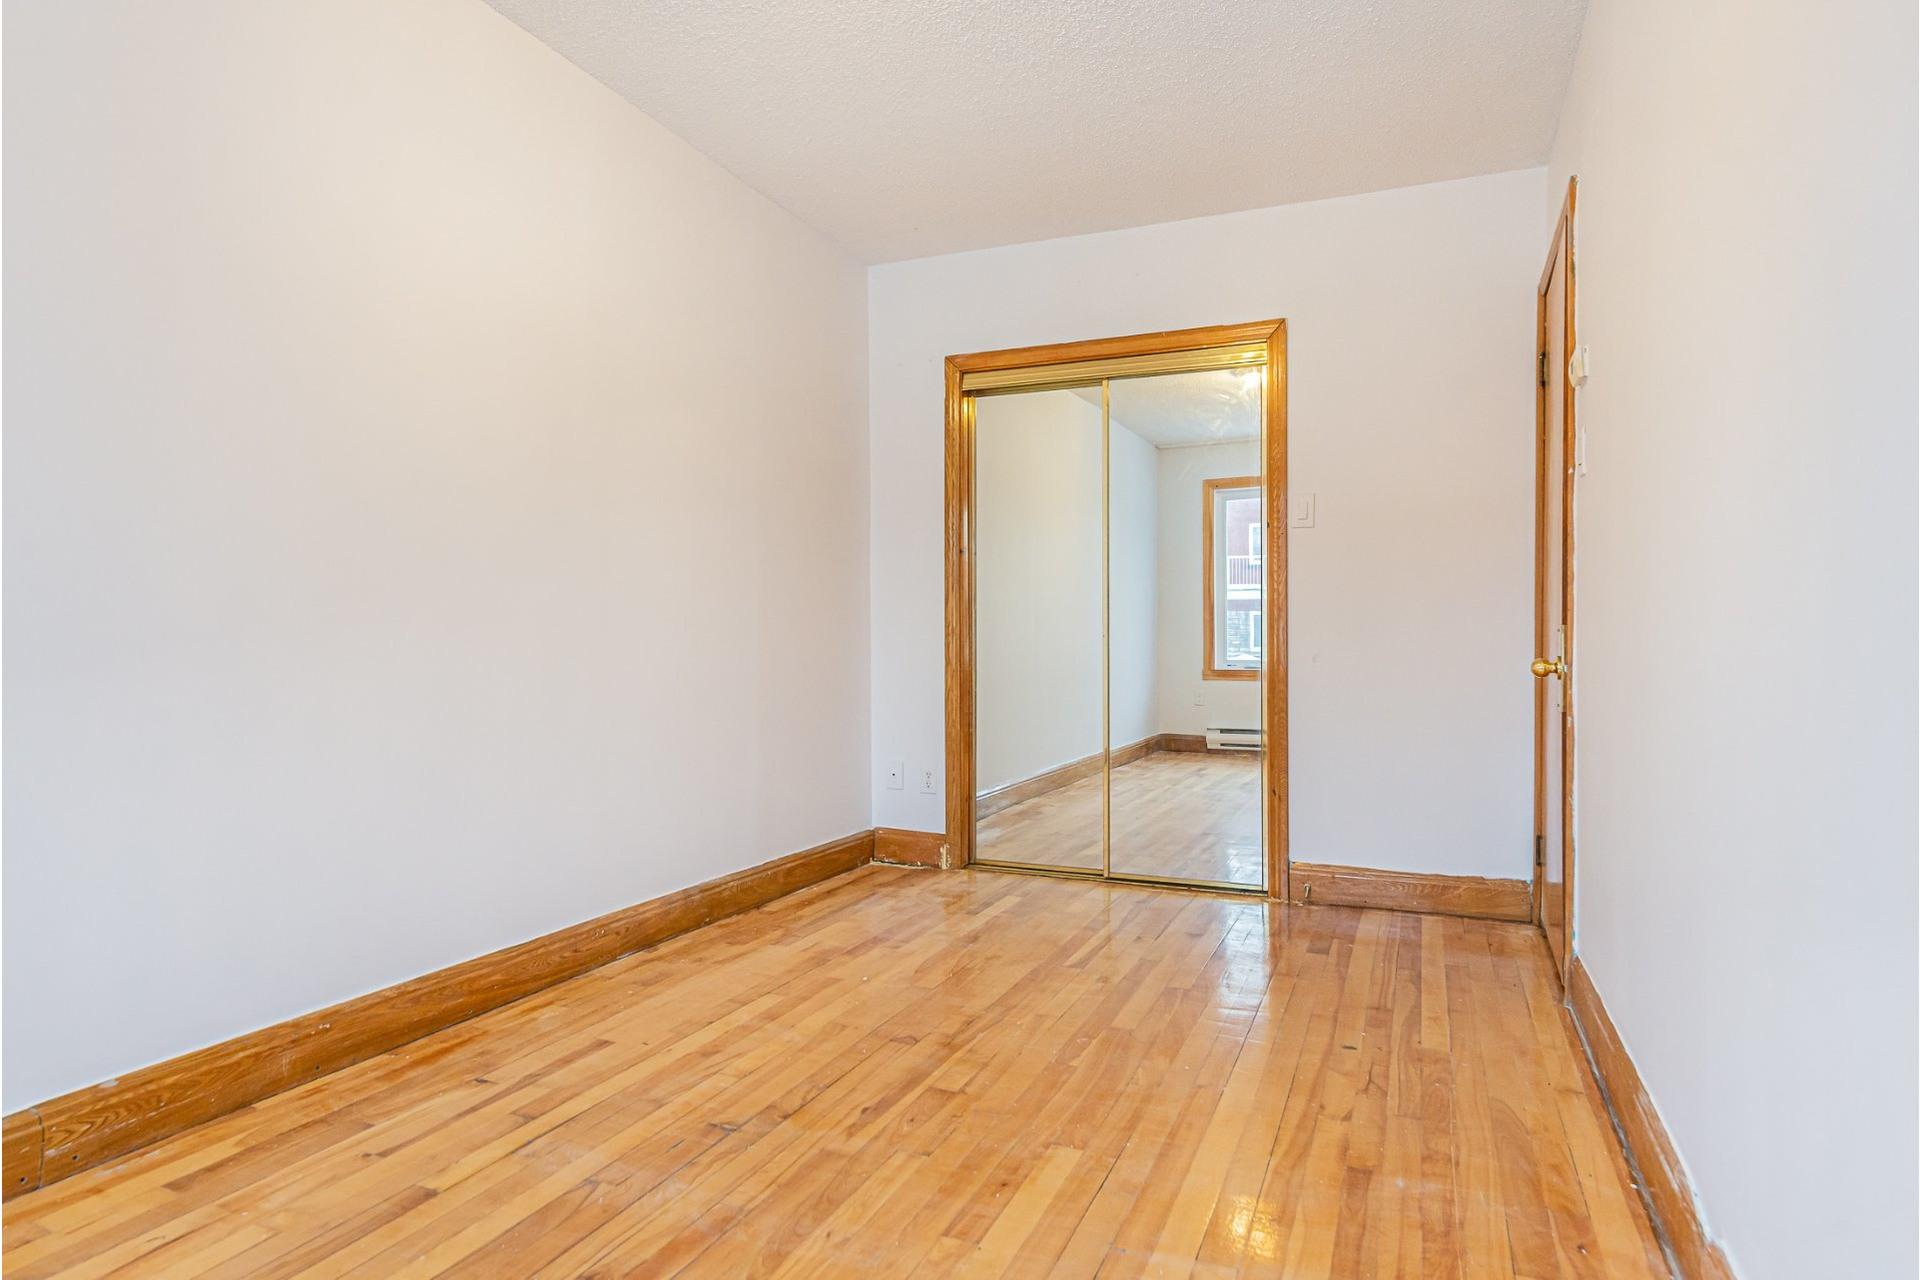 image 10 - Triplex For sale Villeray/Saint-Michel/Parc-Extension Montréal  - 6 rooms